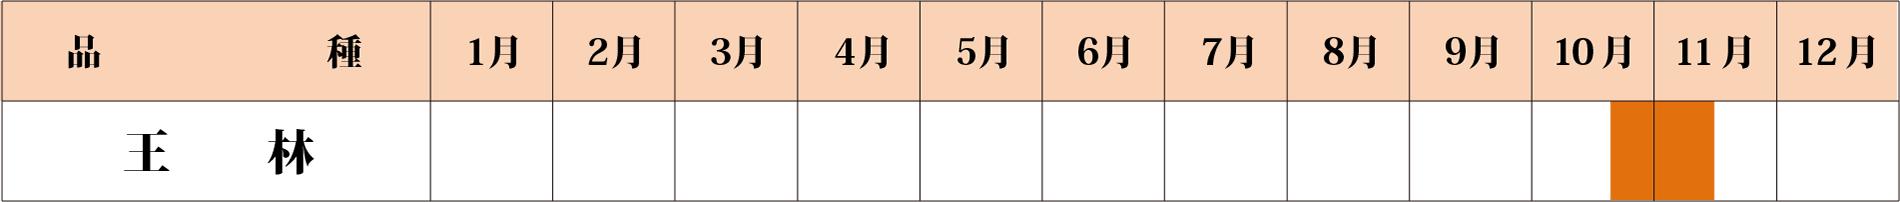 王林カレンダー